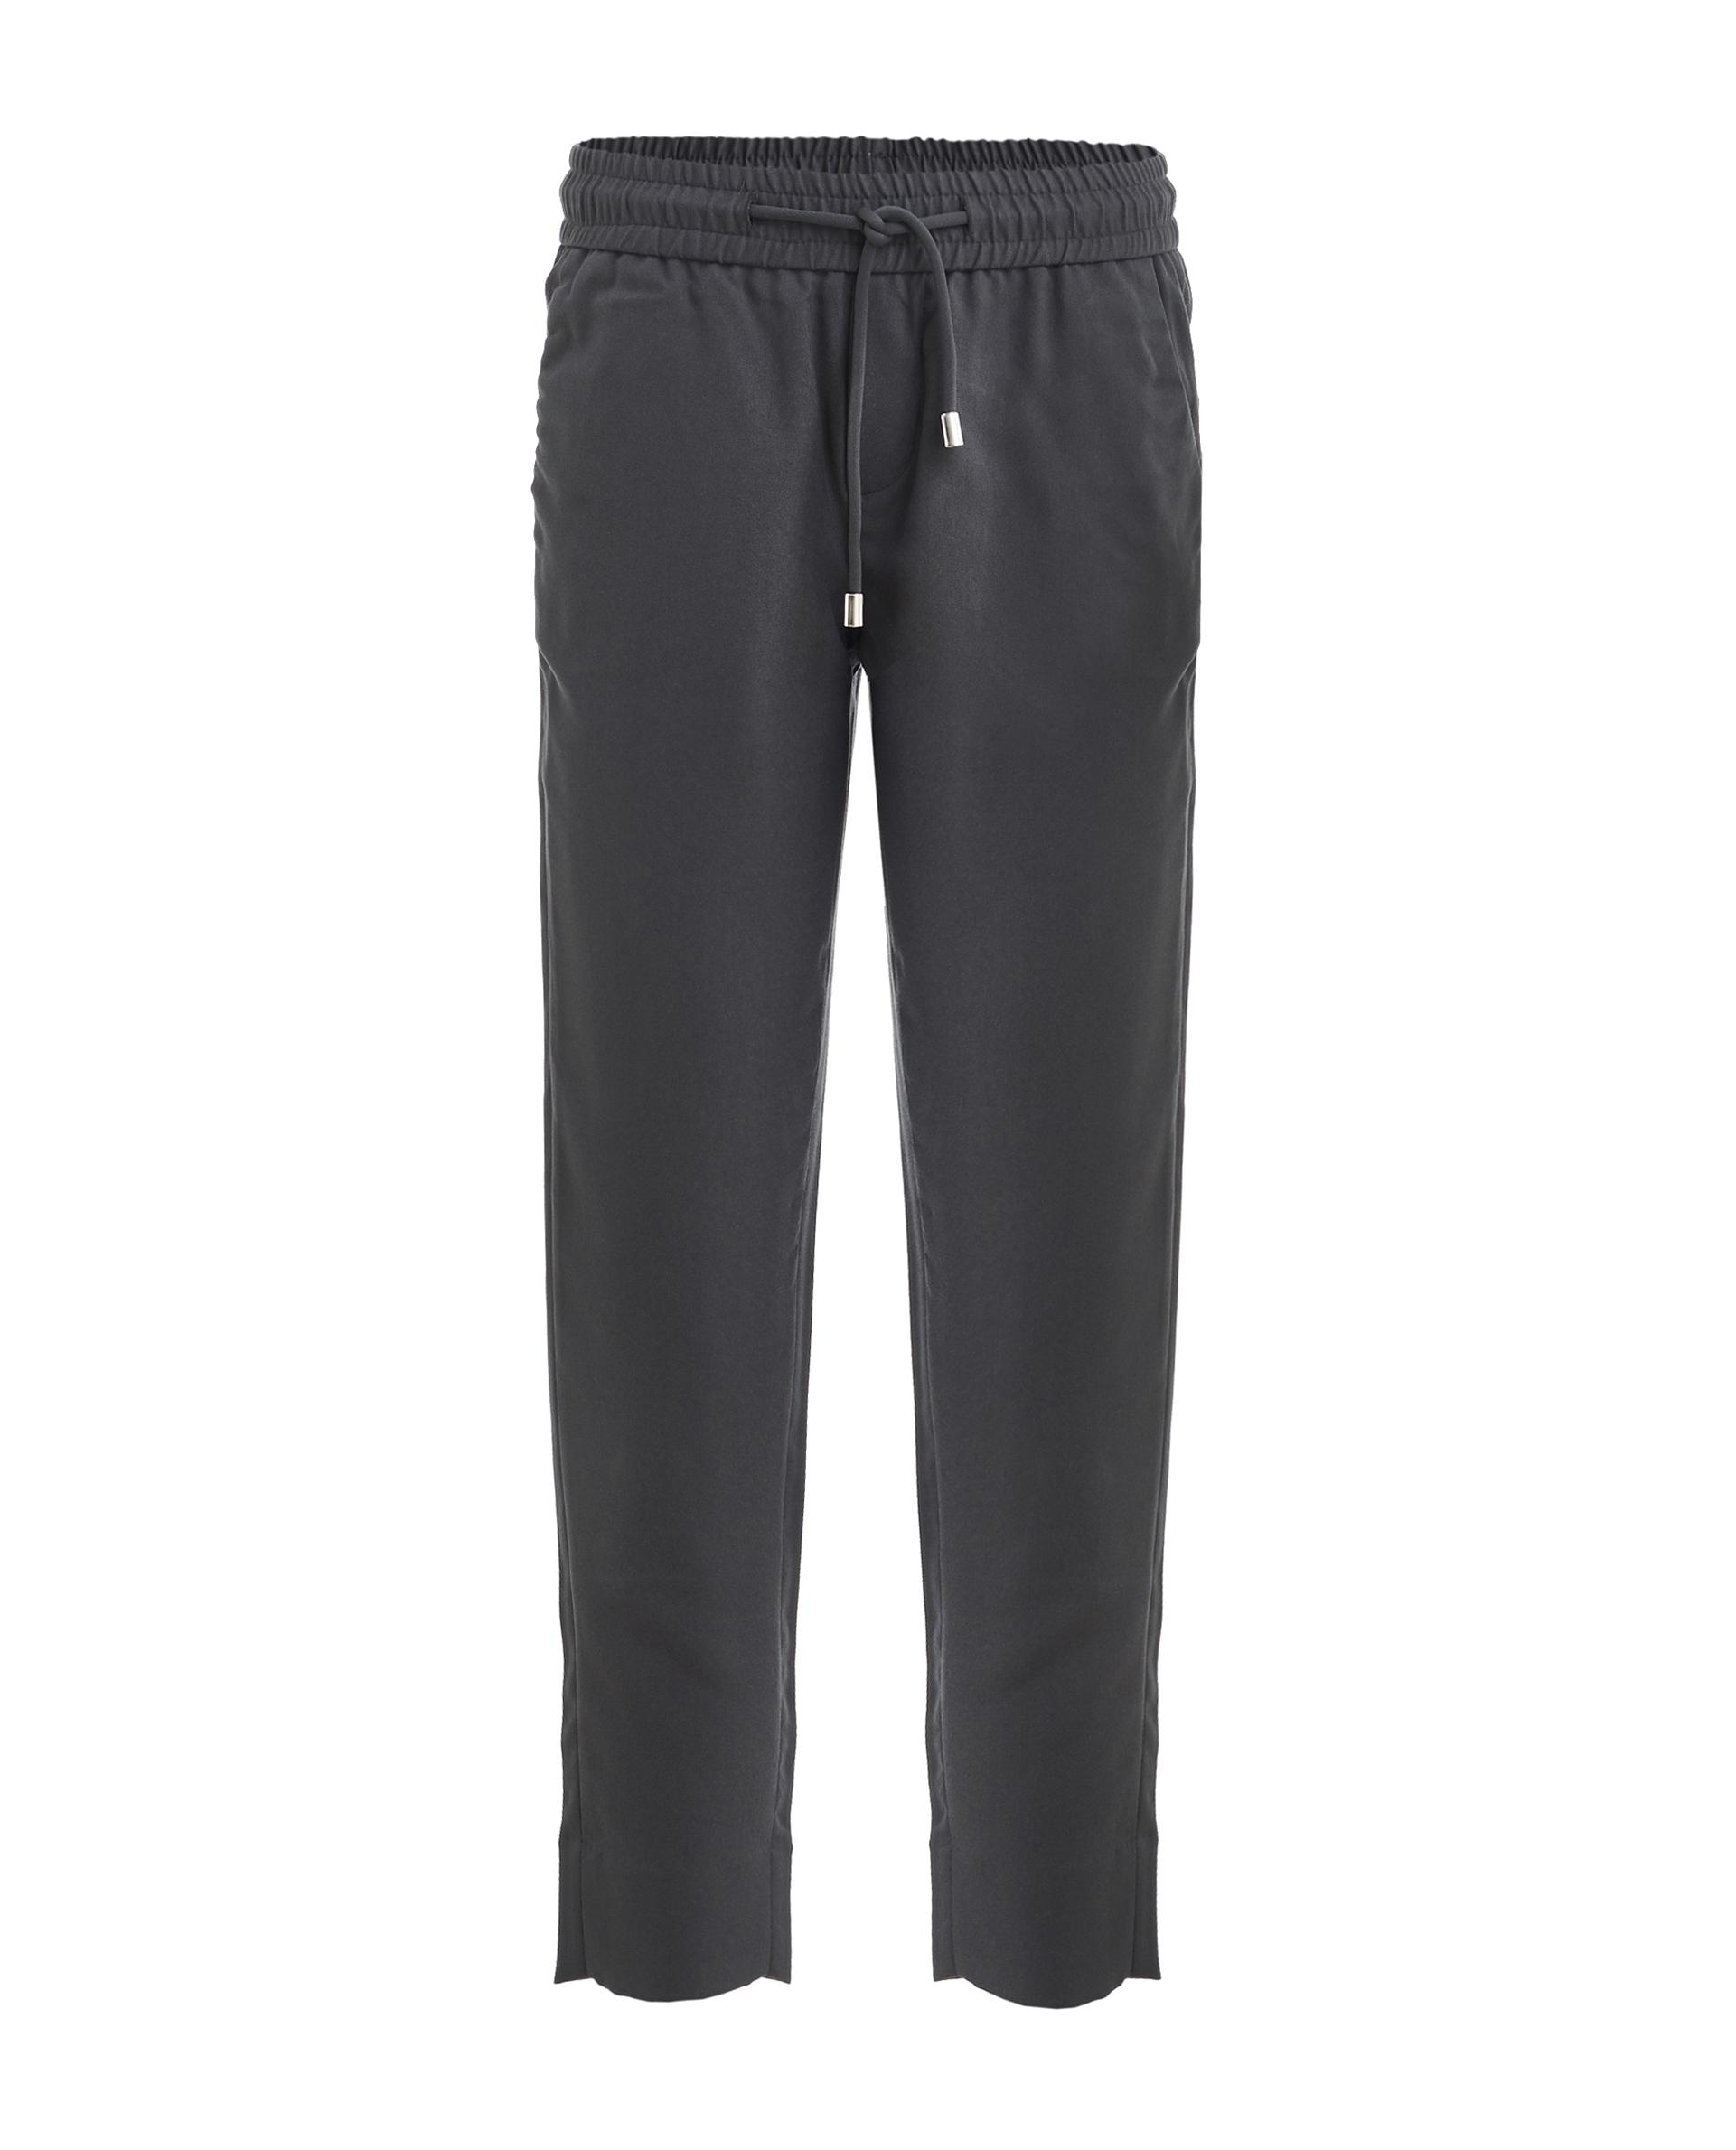 Купить 219GSGC6307, Серые брюки на резинке Gulliver, серый, 170, Женский, ШКОЛЬНАЯ ФОРМА 2019-2020 (shop: GulliverMarket Gulliver Market)